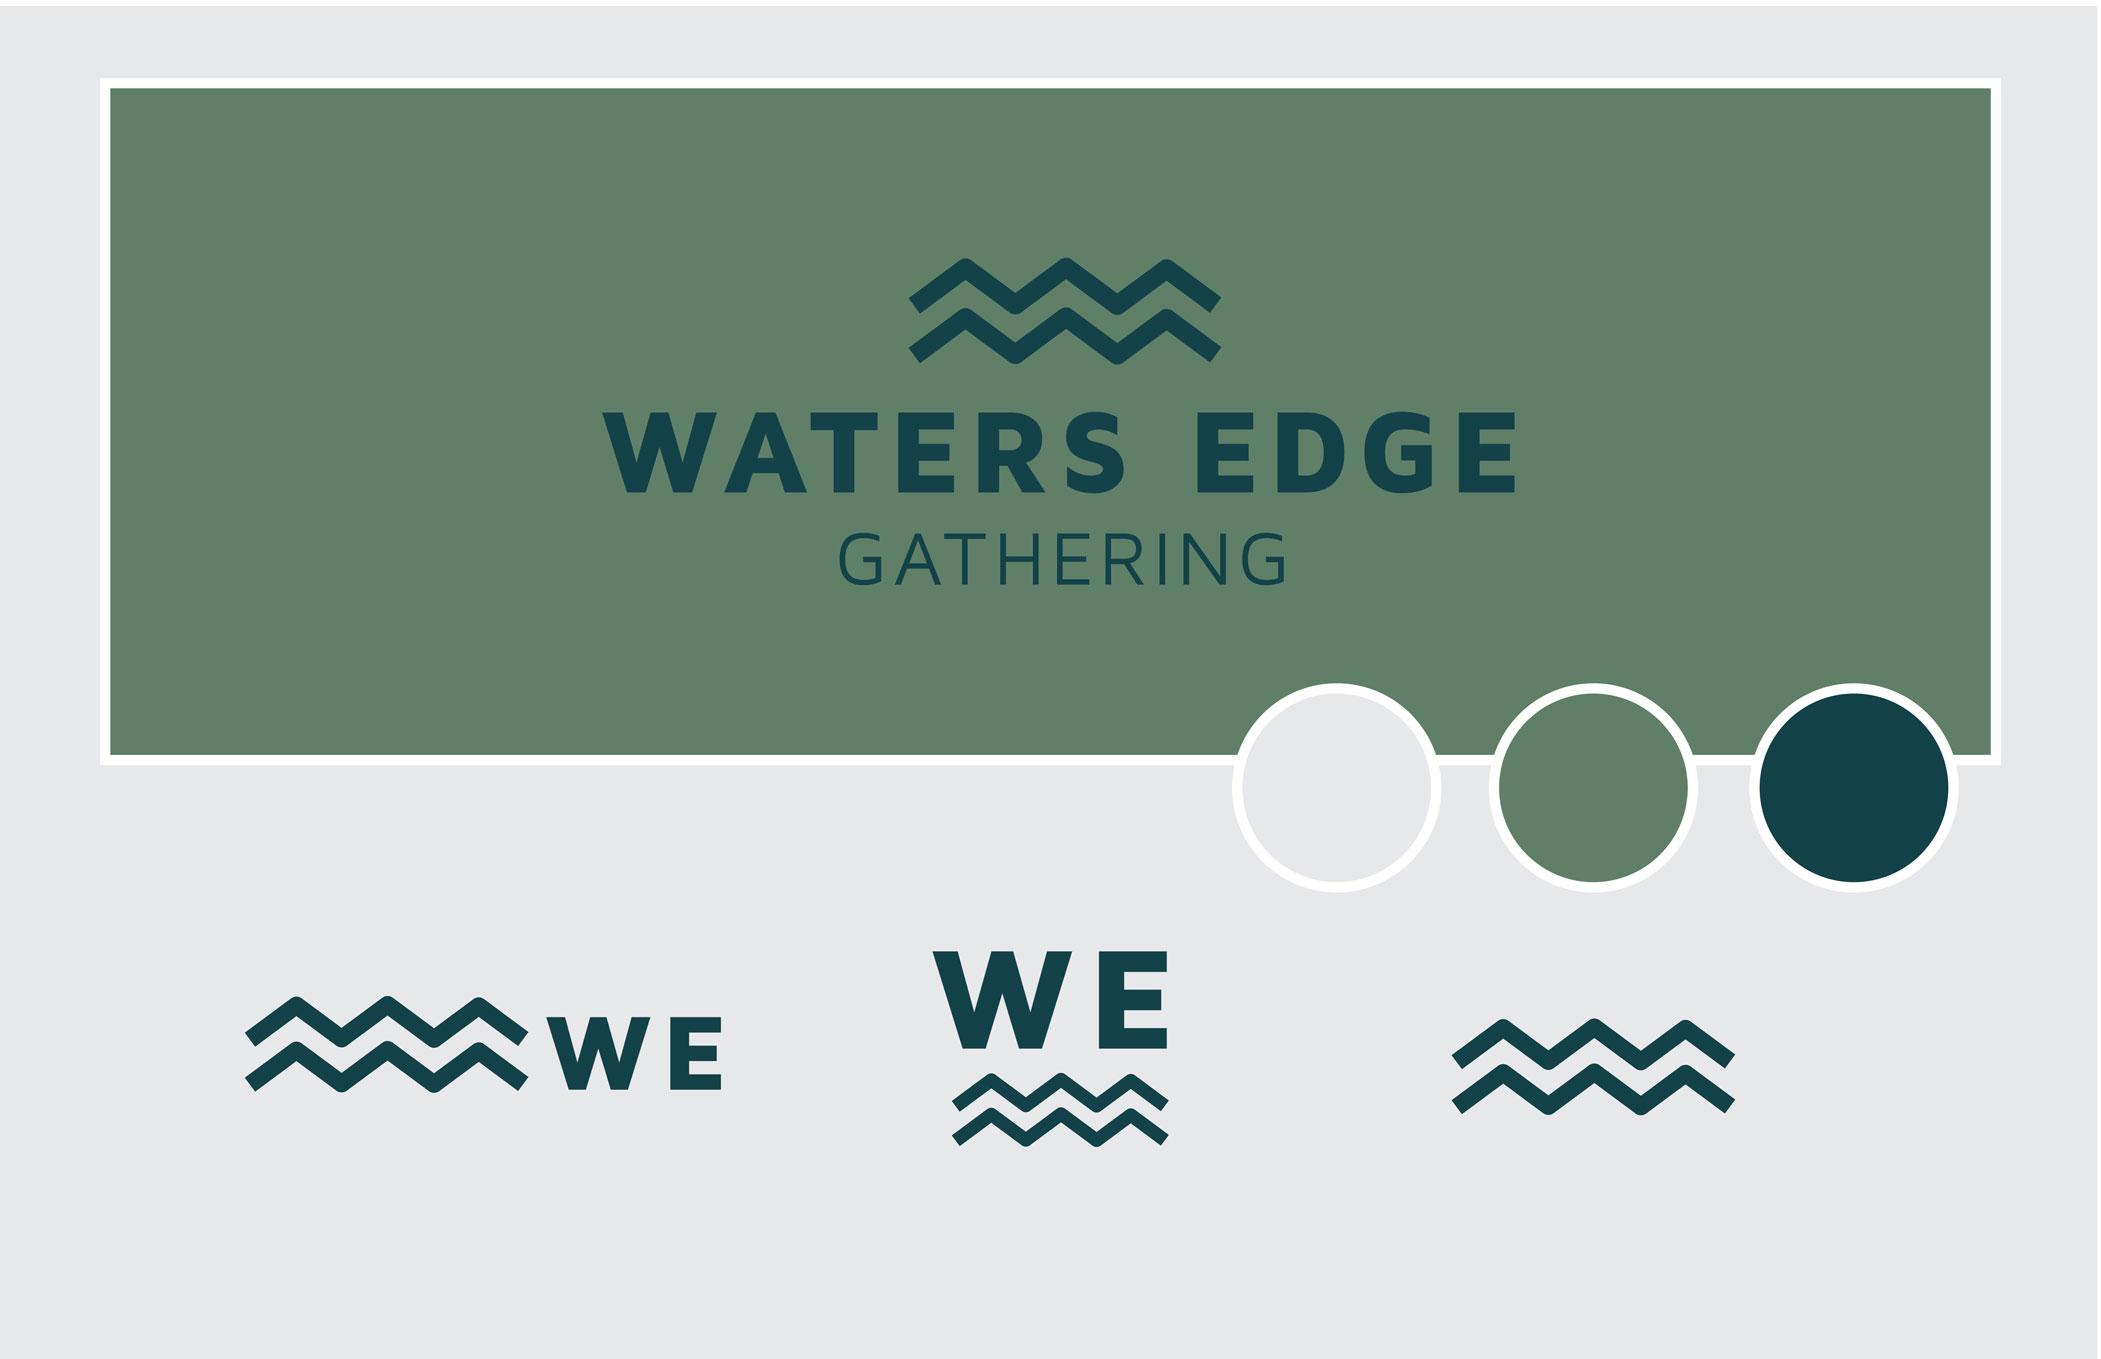 modern church branding overviews and logos